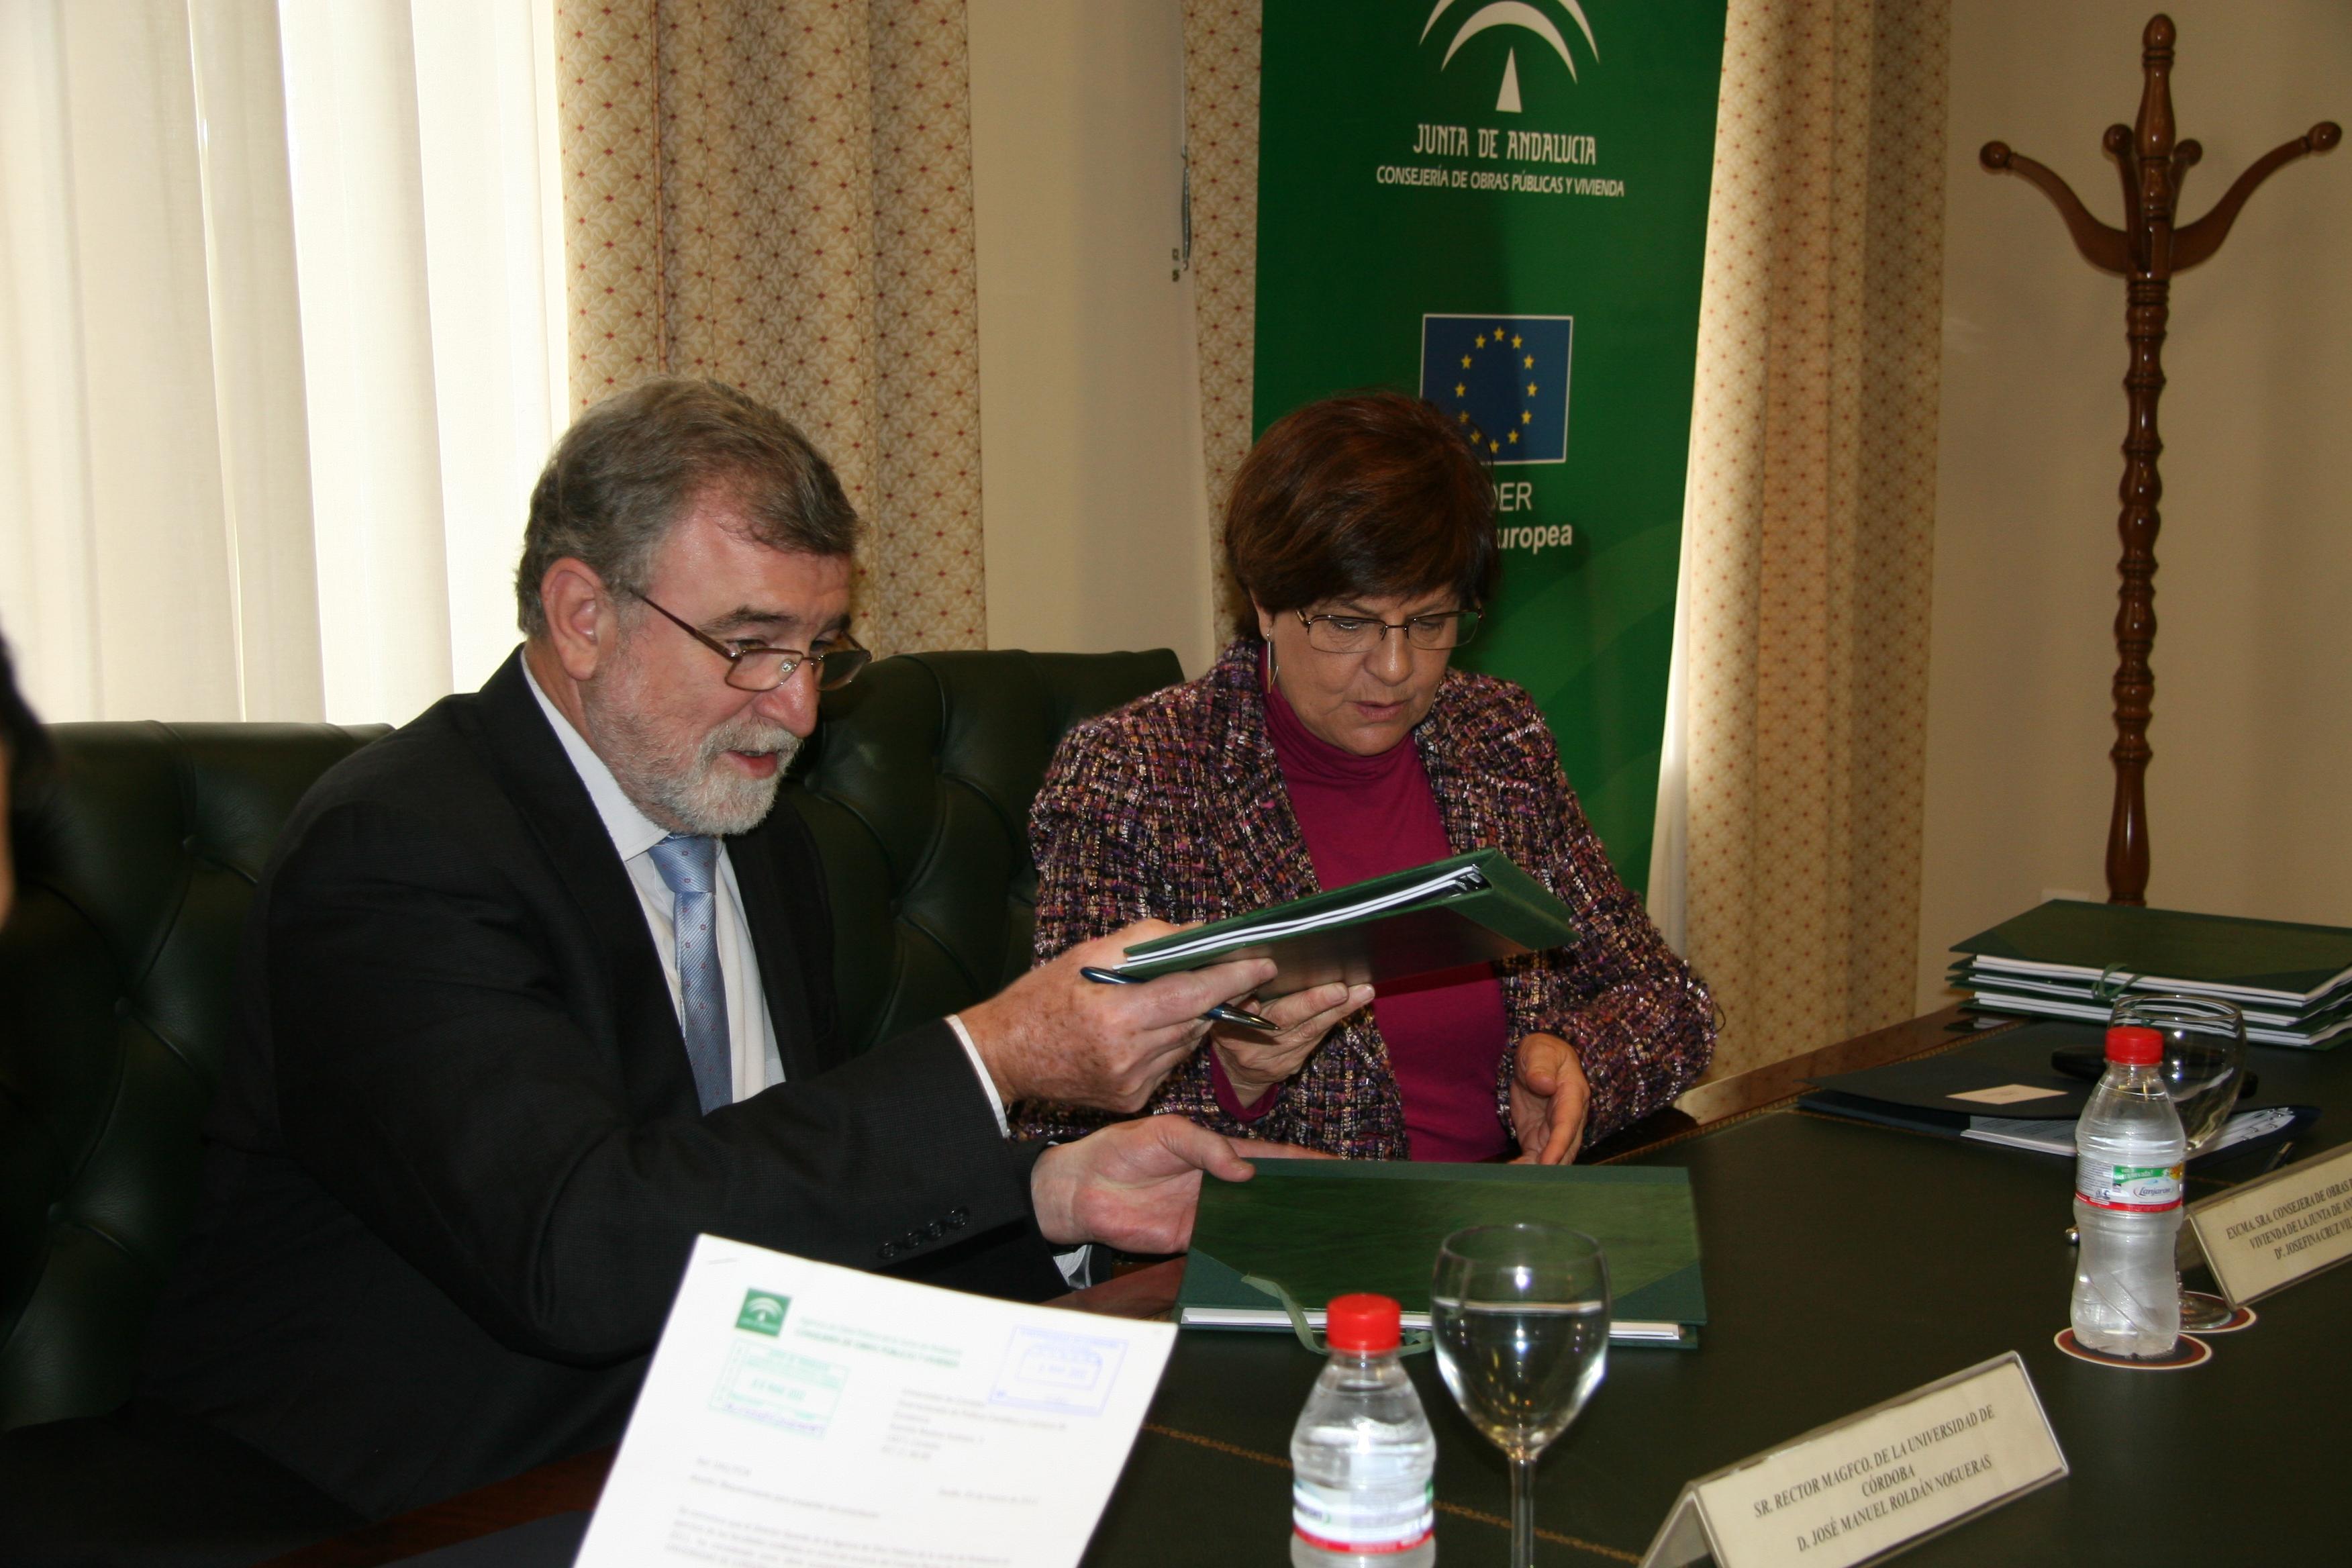 La Consejera firma los contratos junto al rector de la Universidad de Córdoba.